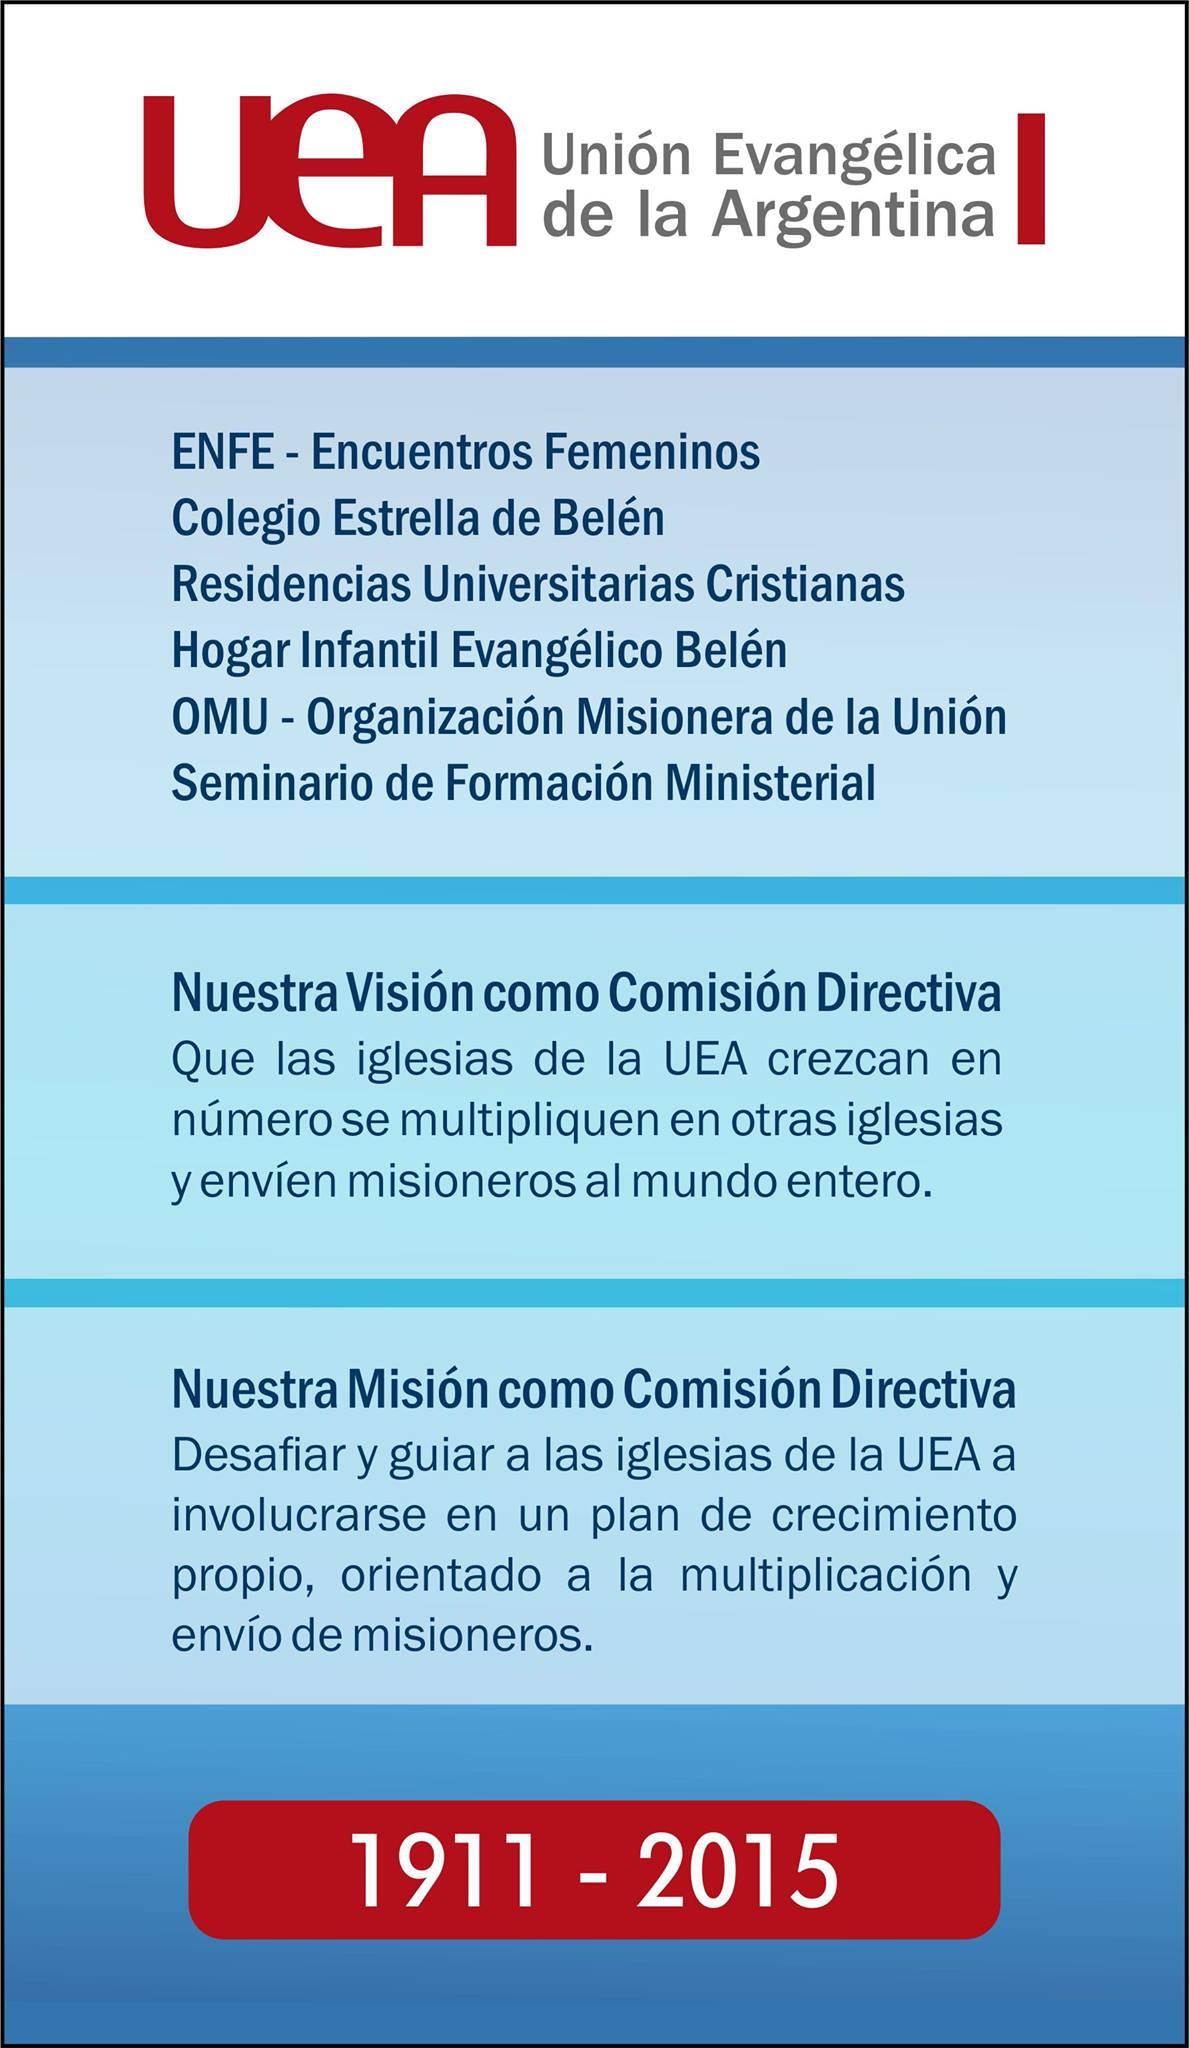 Visión - Misión